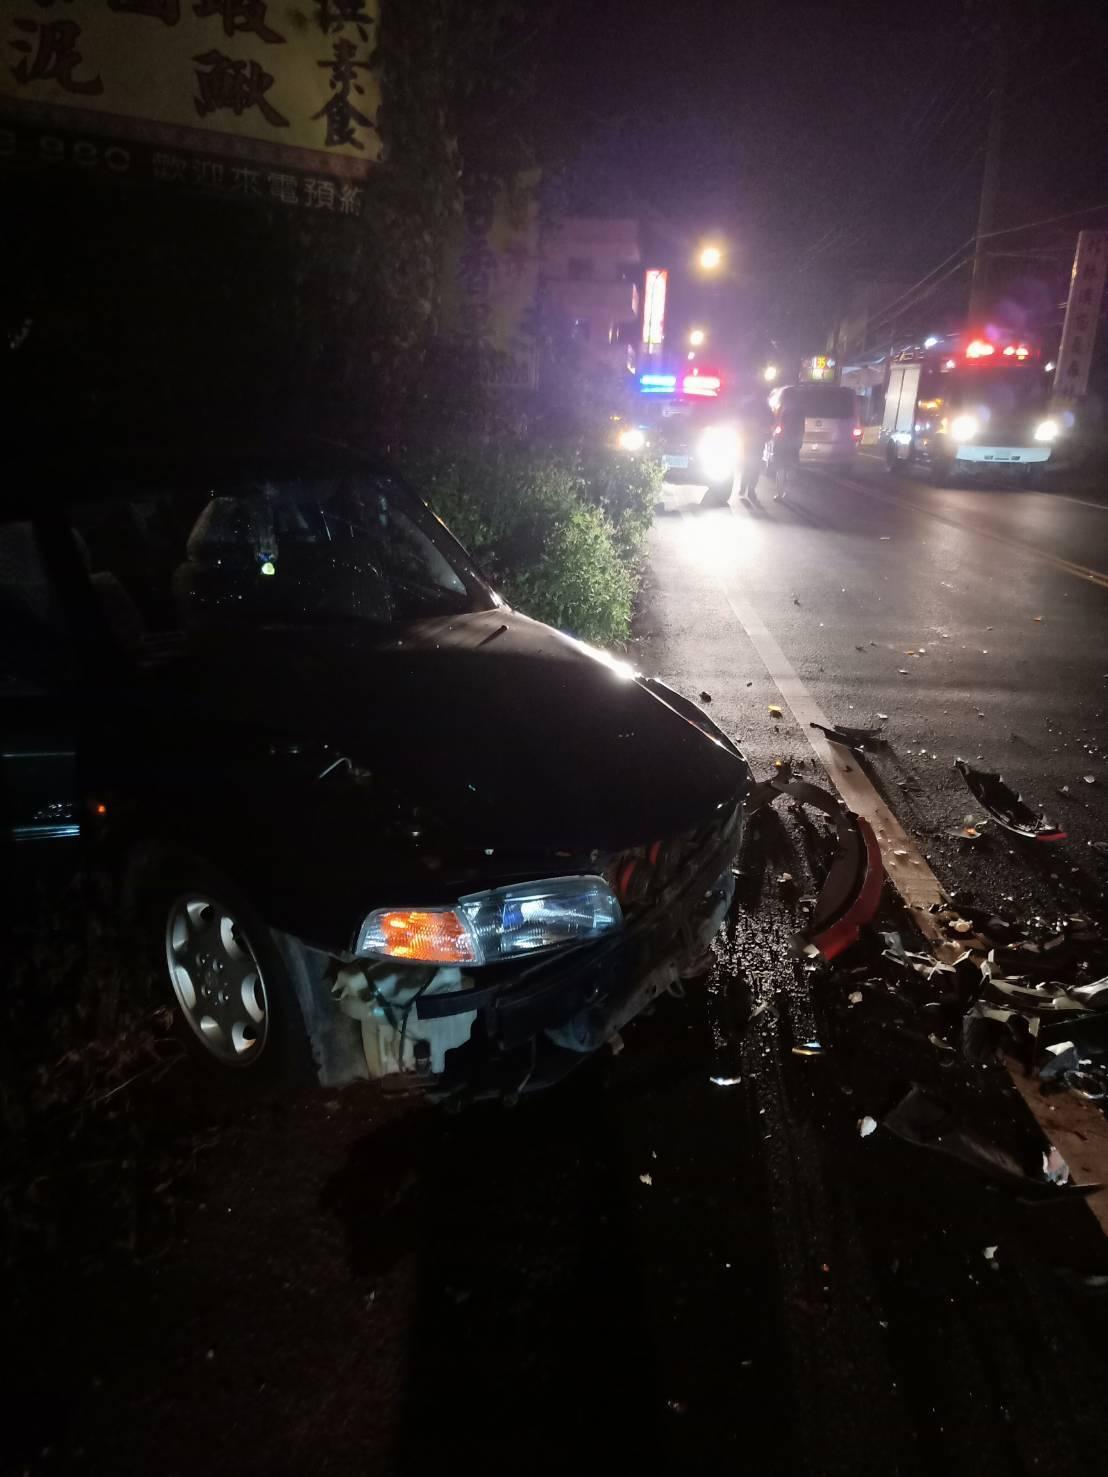 南投鹿谷昨晚9时许,发生一起离奇的小客车对撞事祸。图/民众提供